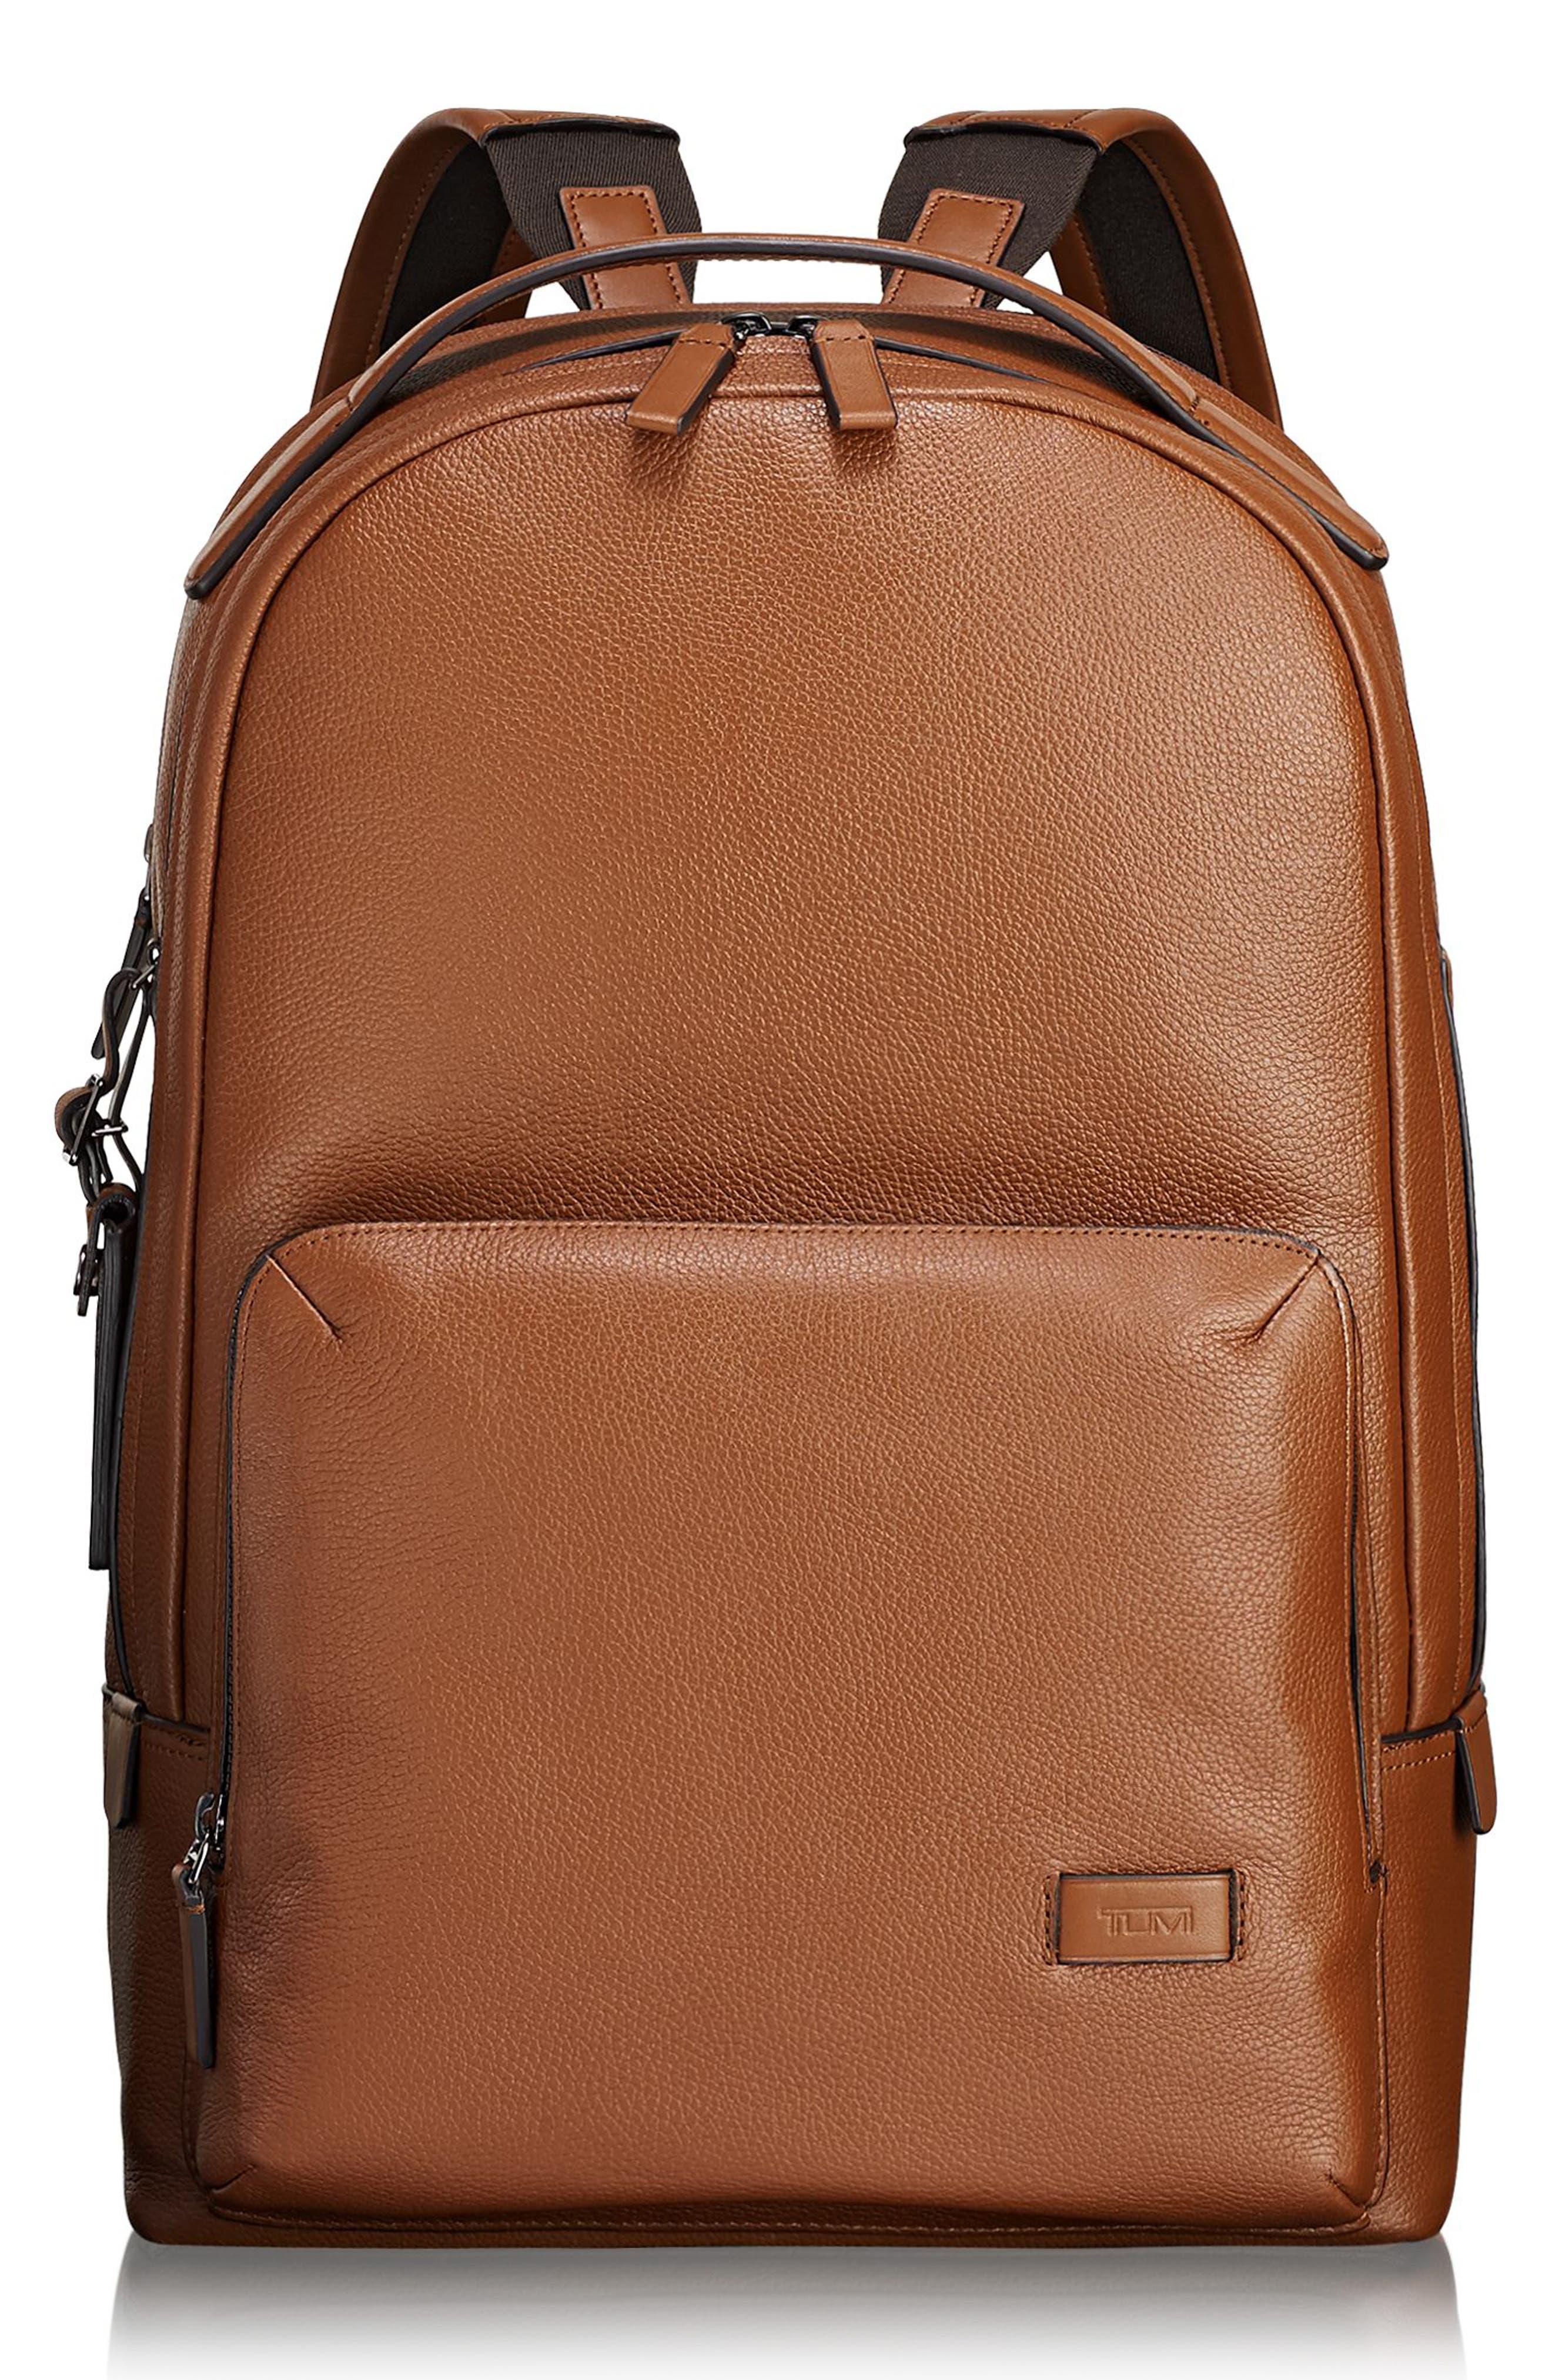 Harrison - Webster Backpack,                             Main thumbnail 1, color,                             UMBER PEBBLED